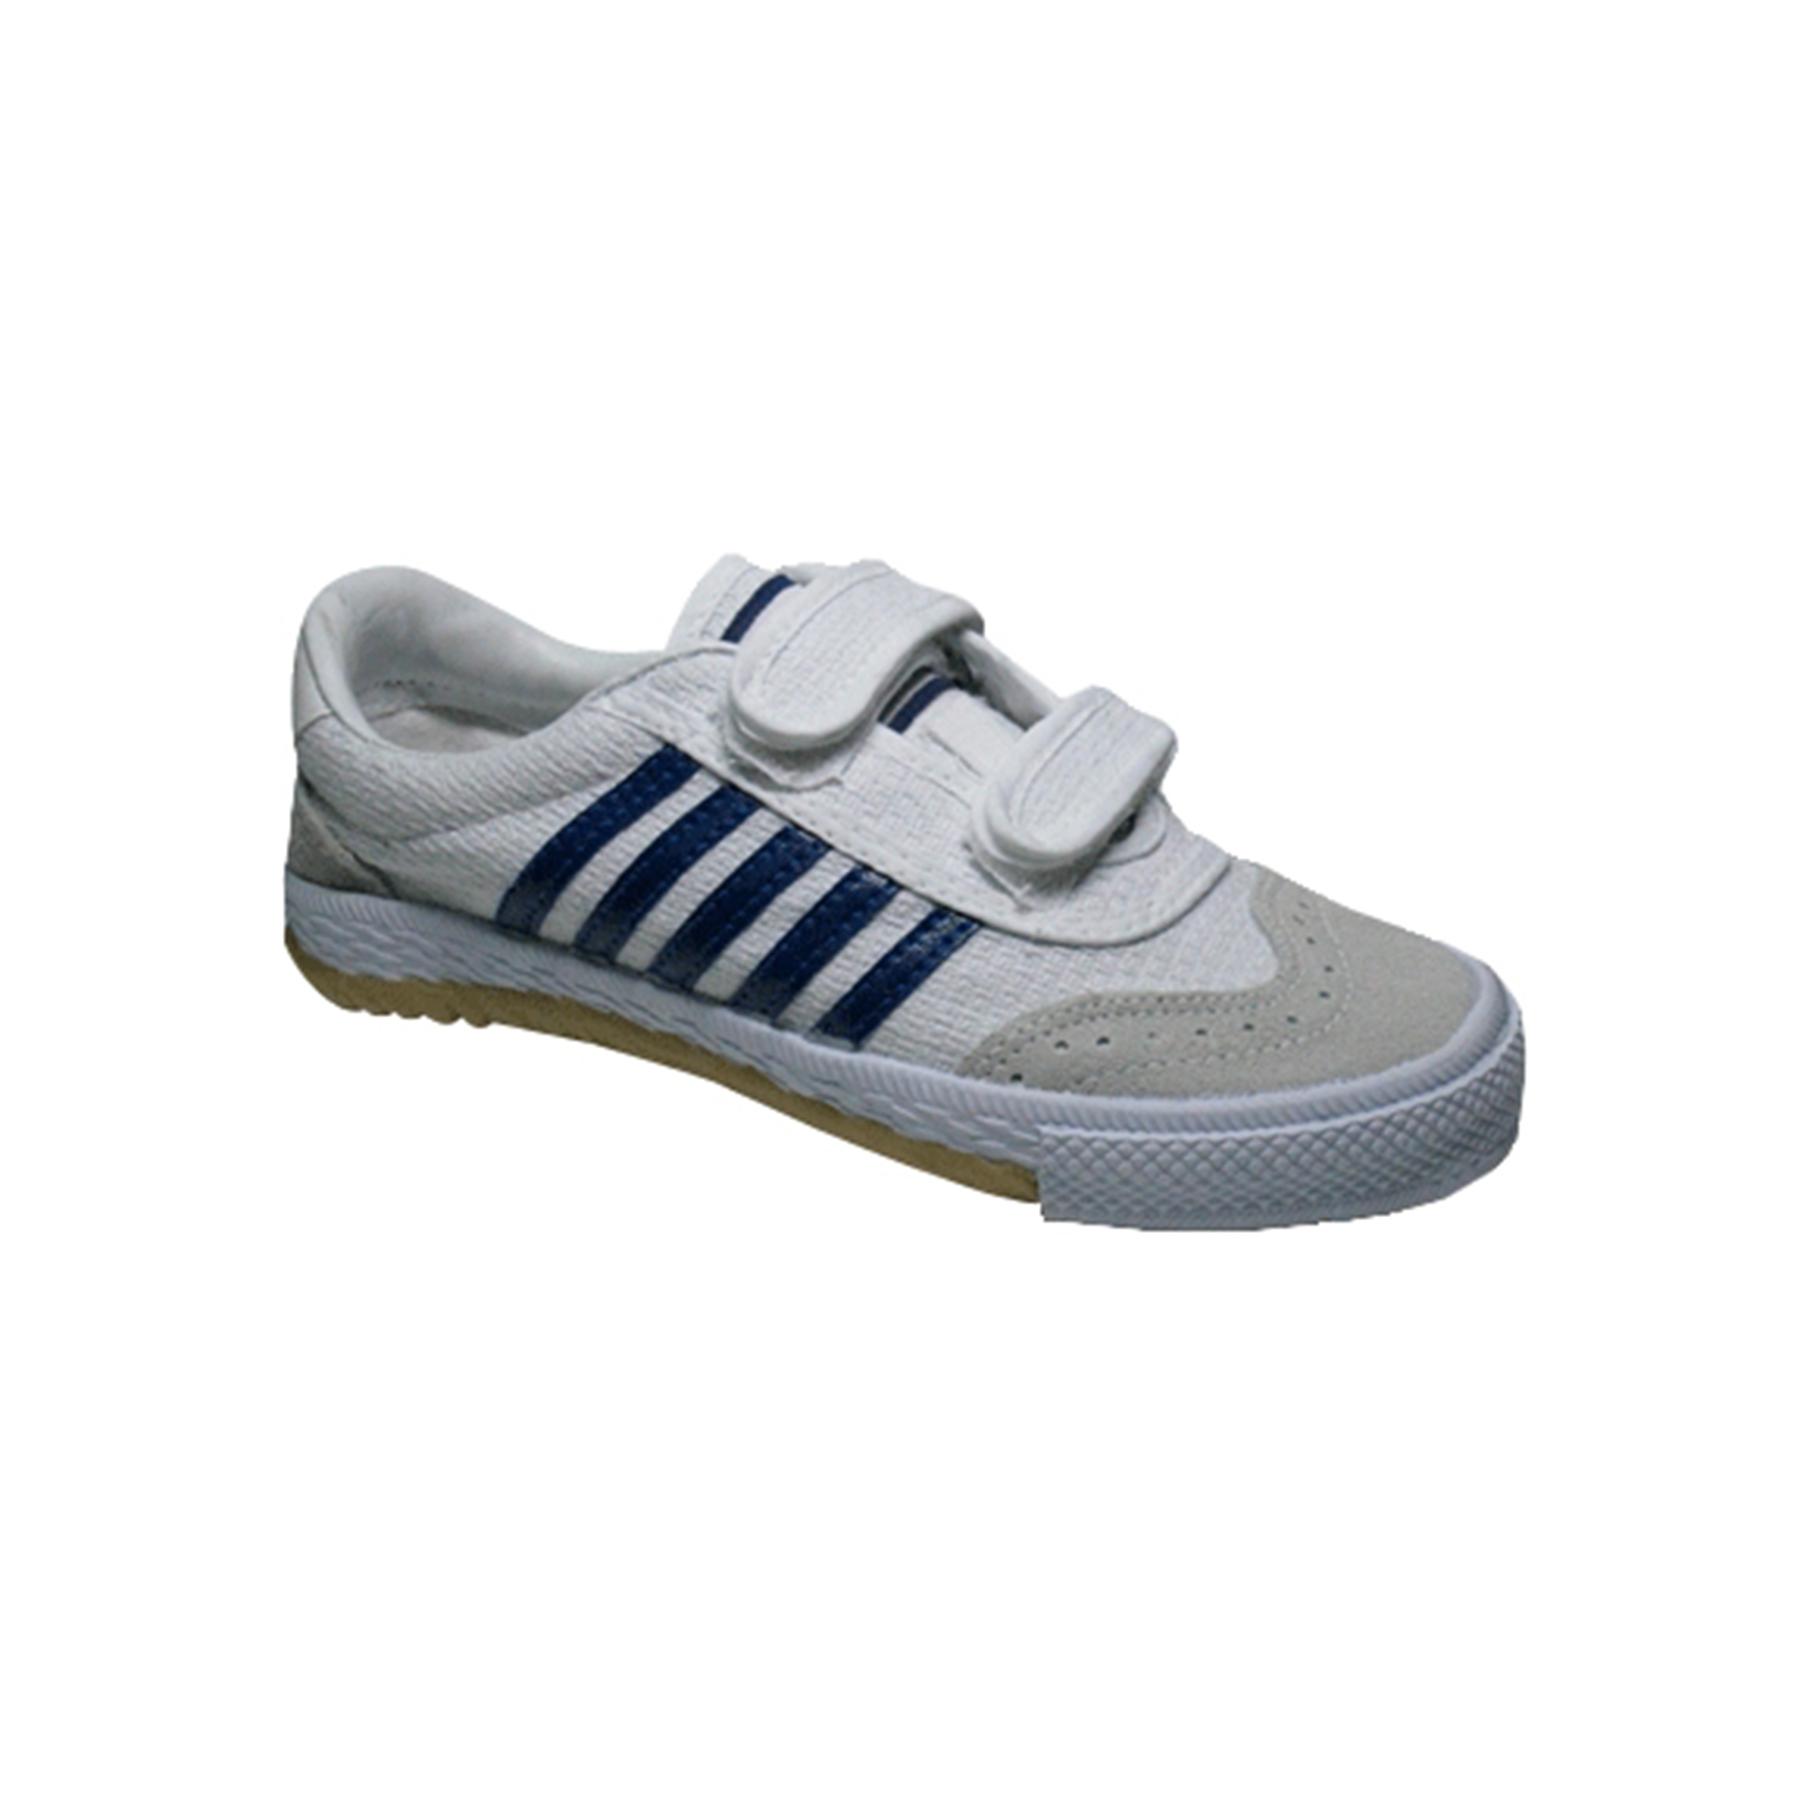 Обувь спорт. Trien  А 120-17 Т белая с синим на липах р. 38 АКЦИЯ!